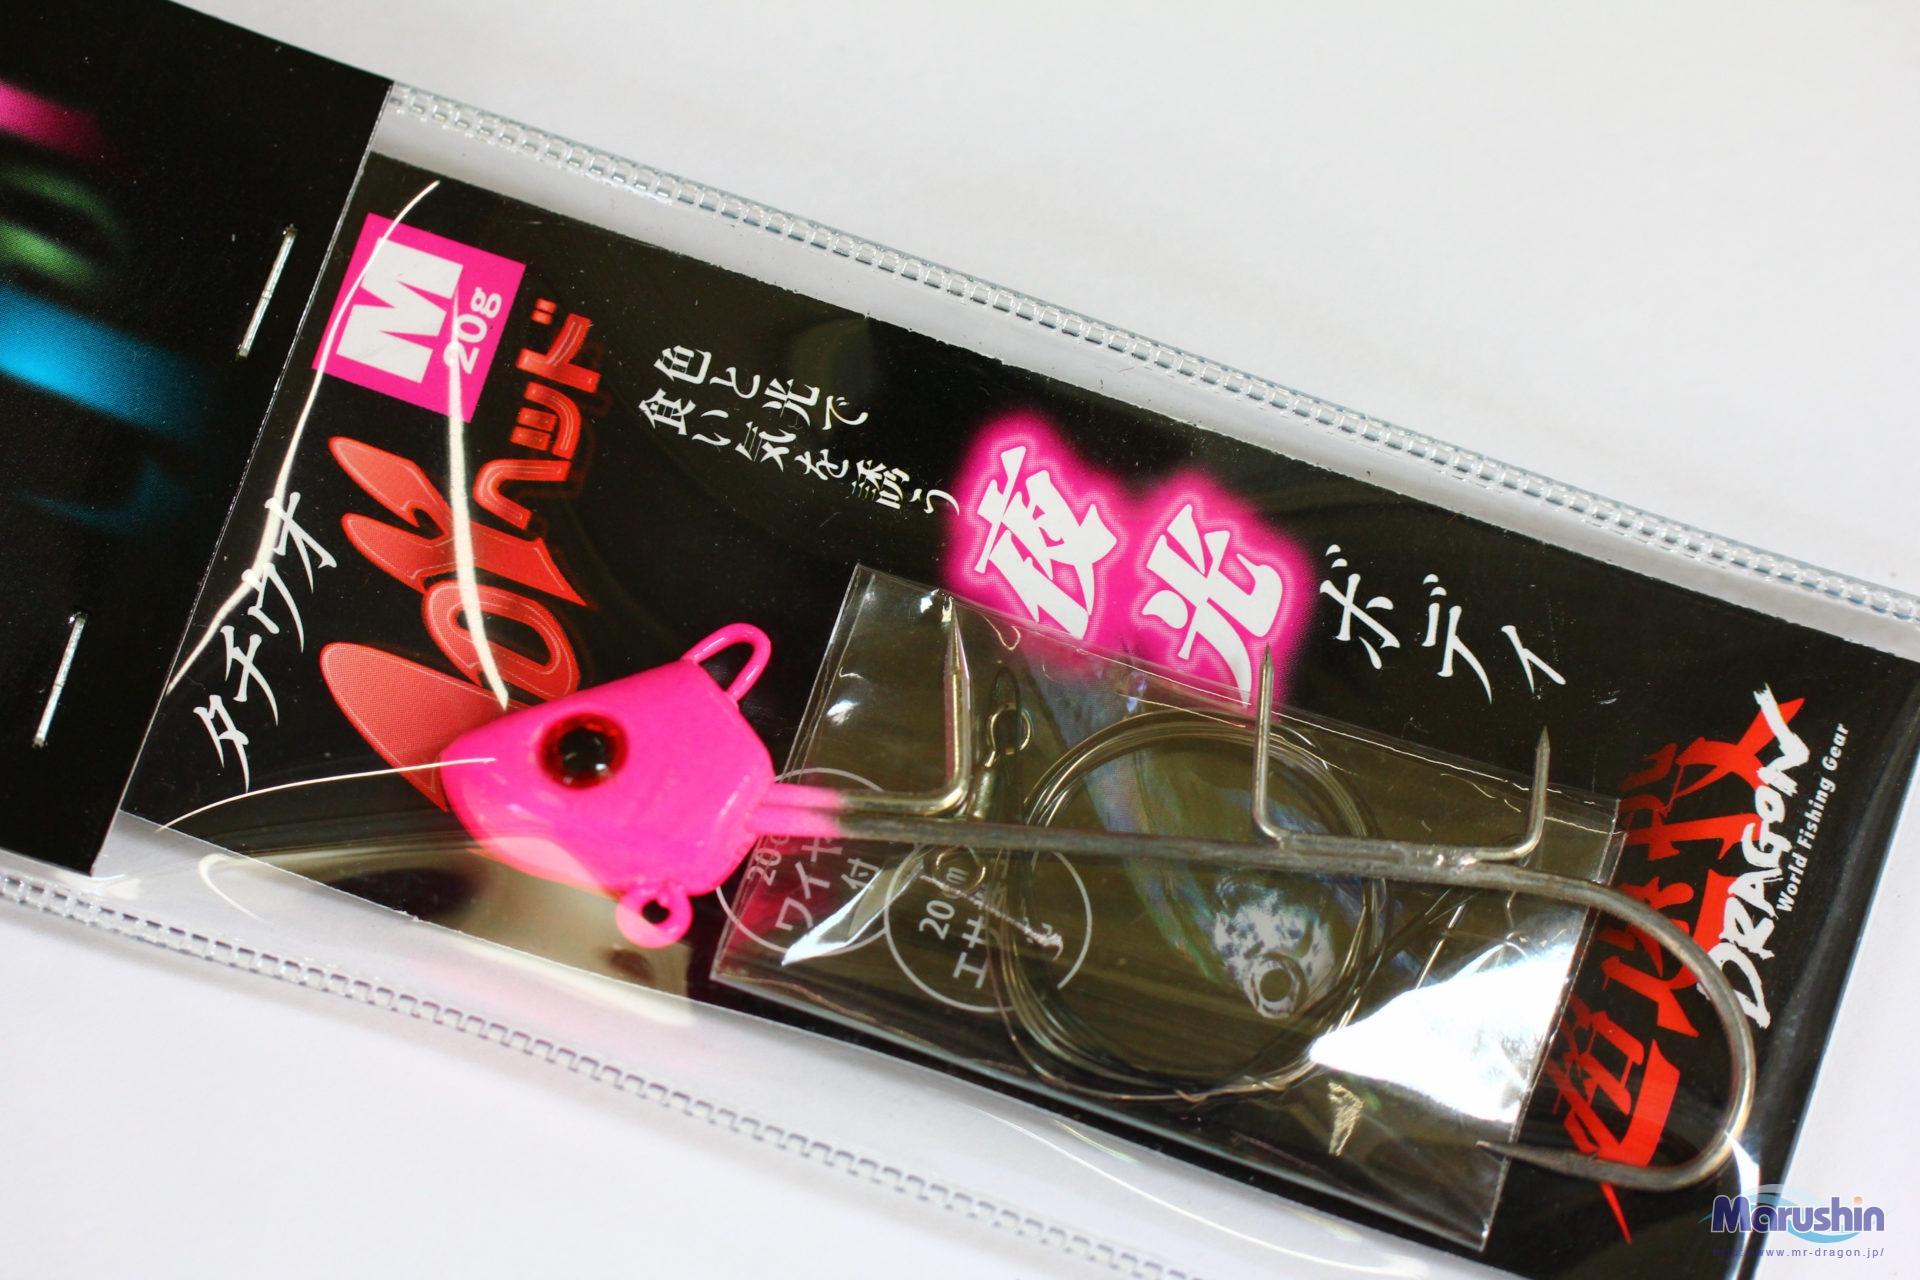 タチウオJOYヘッド 1本針 新色 ブルー夜光 ピンク夜光 S~LLイメージ画像